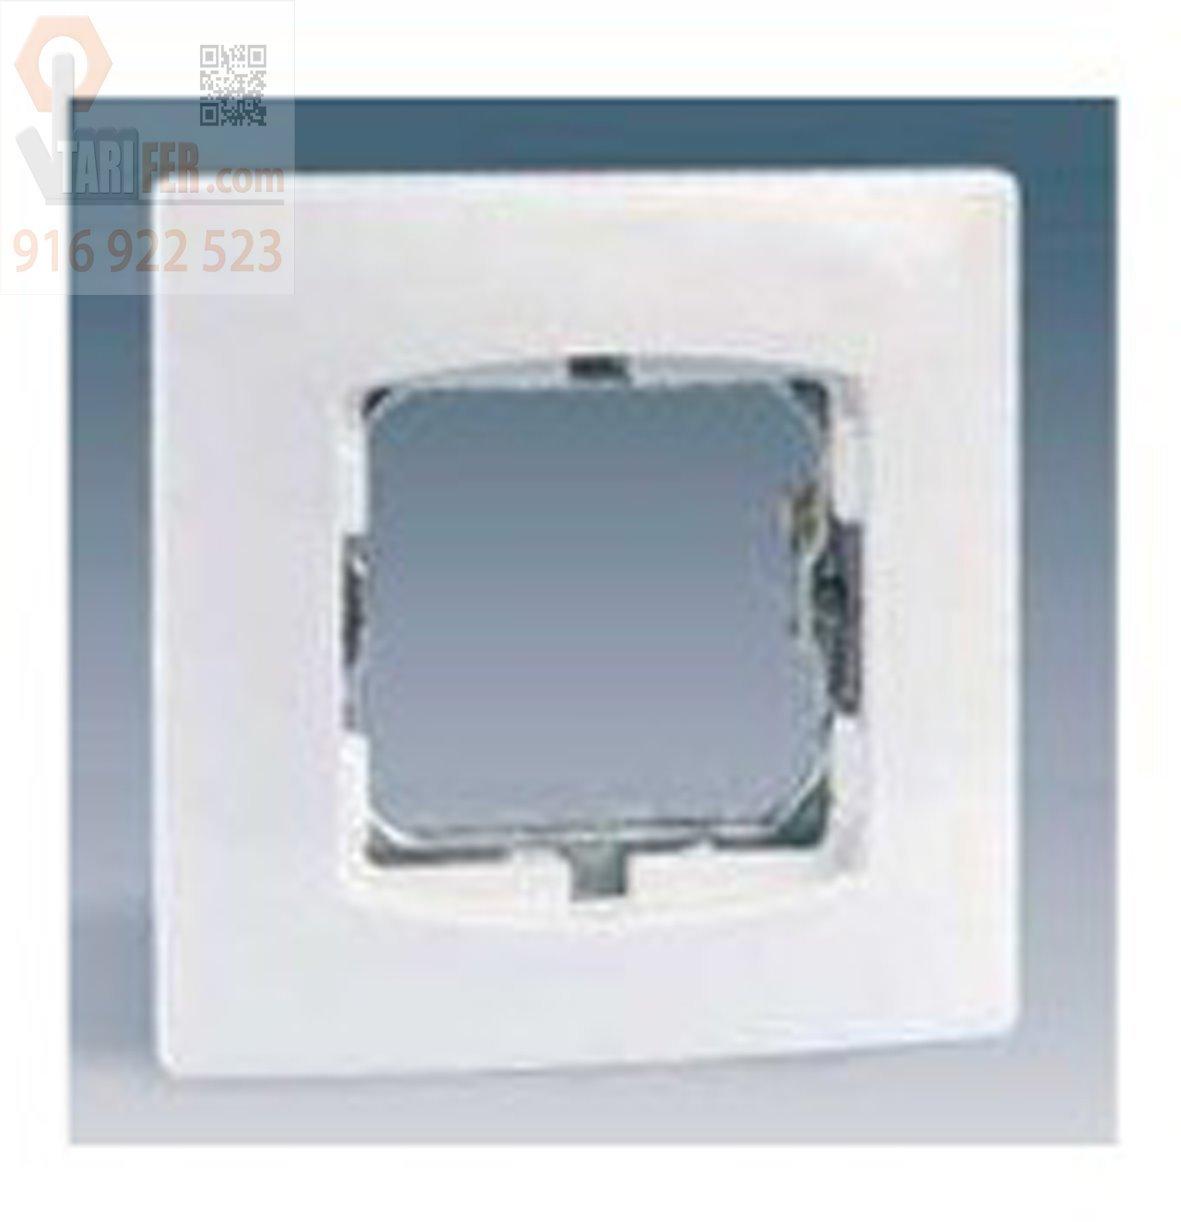 Simon - 27601-65 placa modulo 1ancho/2e s/garras s-27 bl nieve Ref. 6552765166